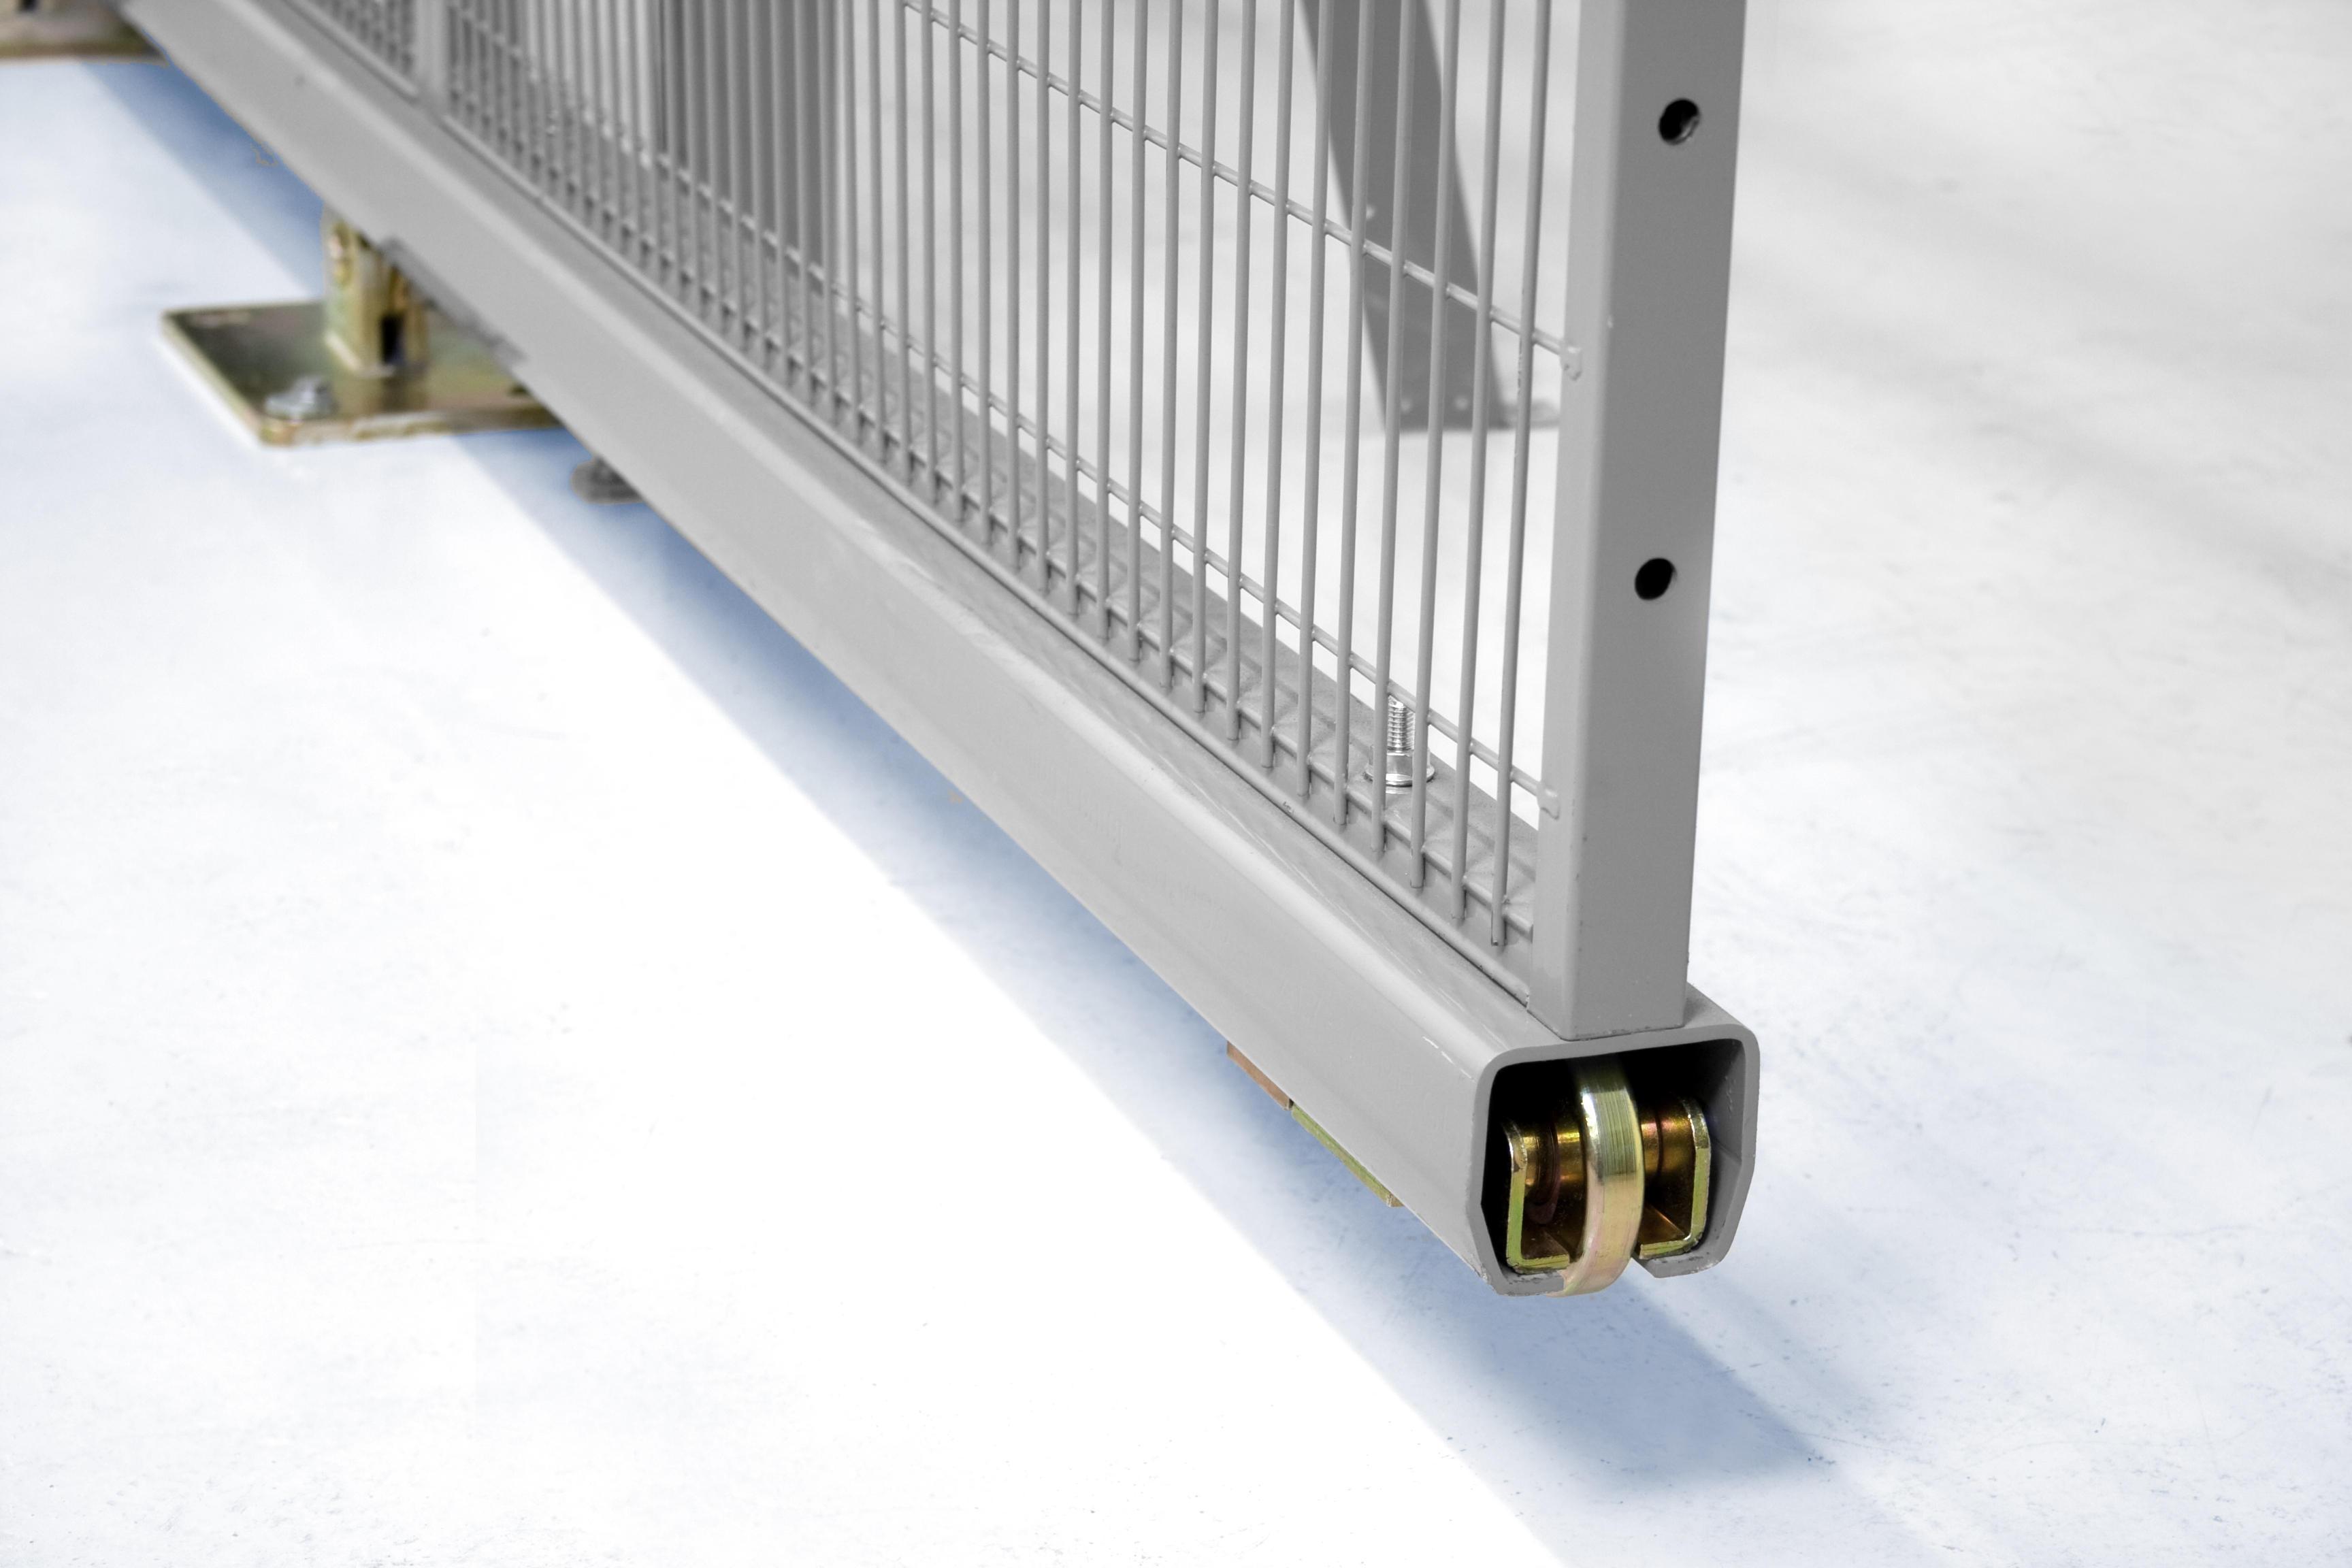 Top Track For Sliding Screen Doorsliding screen door upper track replacement saudireiki